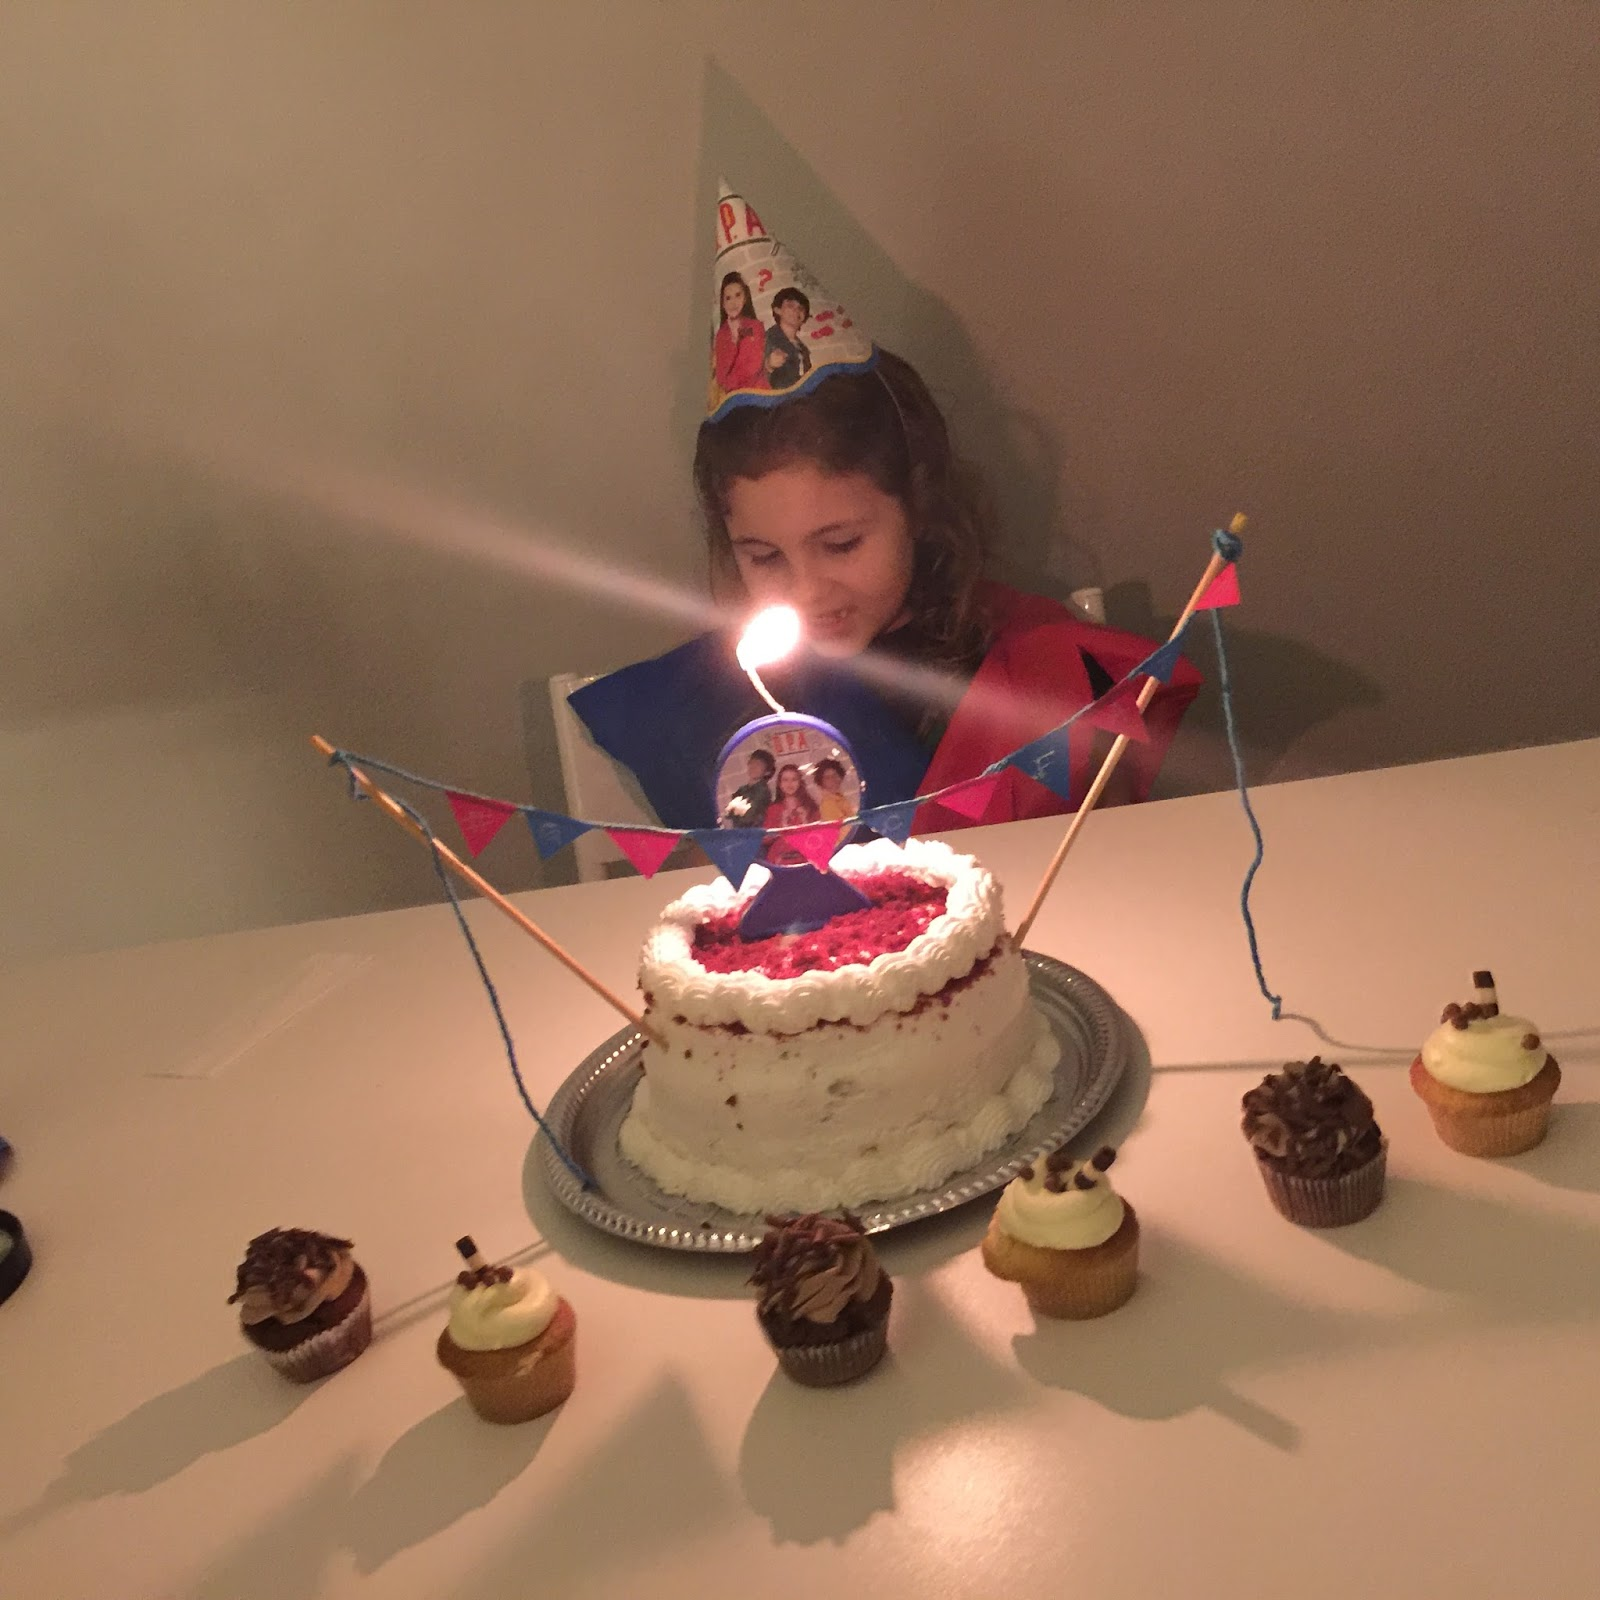 festa #GatocaFaz7 tema D.P.A. - Detetives do Prédio Azul bolo/cupcakes Sugar Bakery Curitiba ... blog Mamãe de Salto, todos os direitos reservados